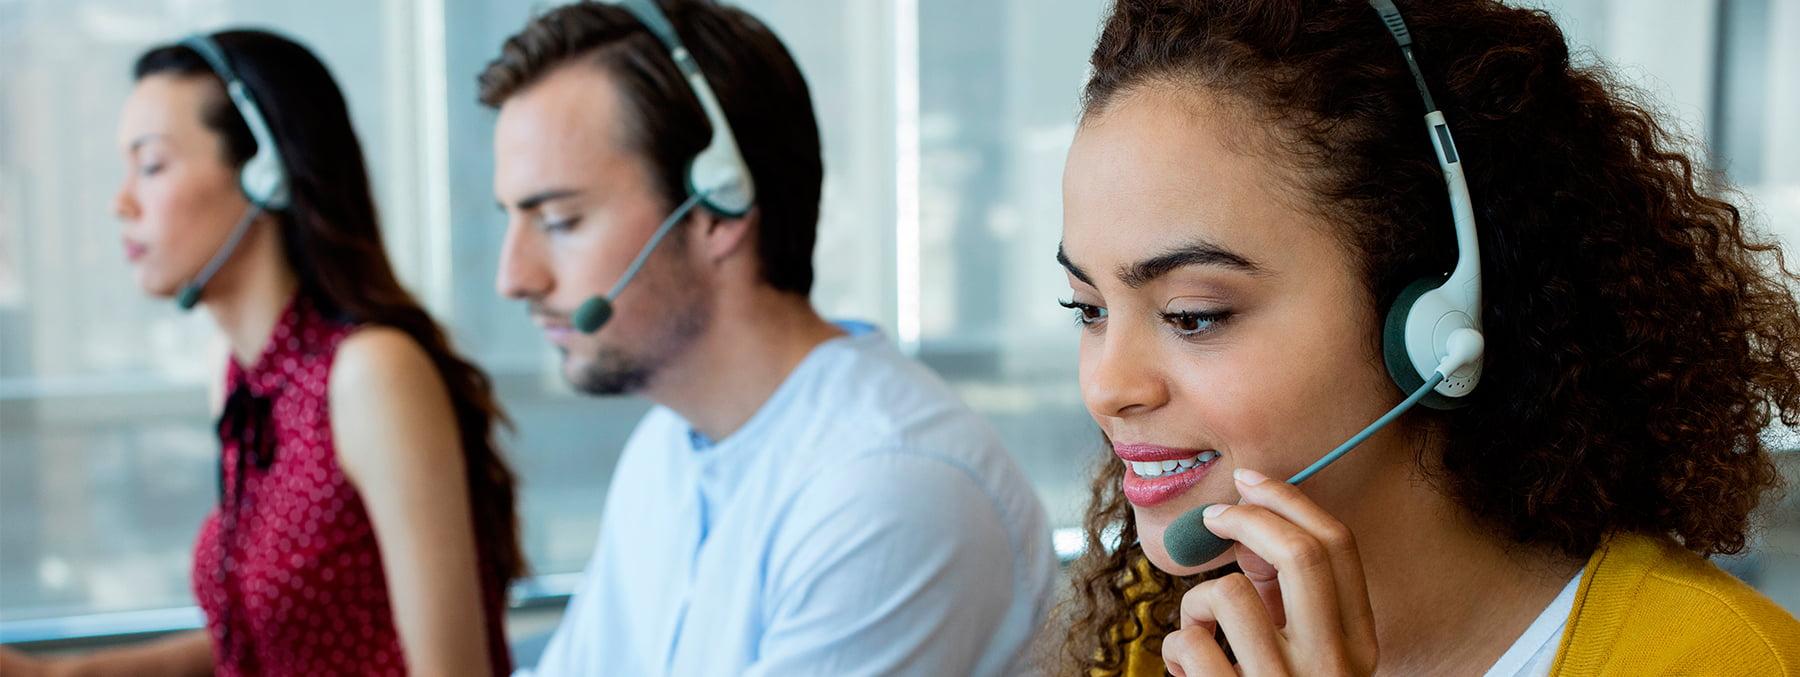 centre d'appel a Rabat recrute des conseillers clients en réception d'appels qui auront pour missions d'assurer l'assistance